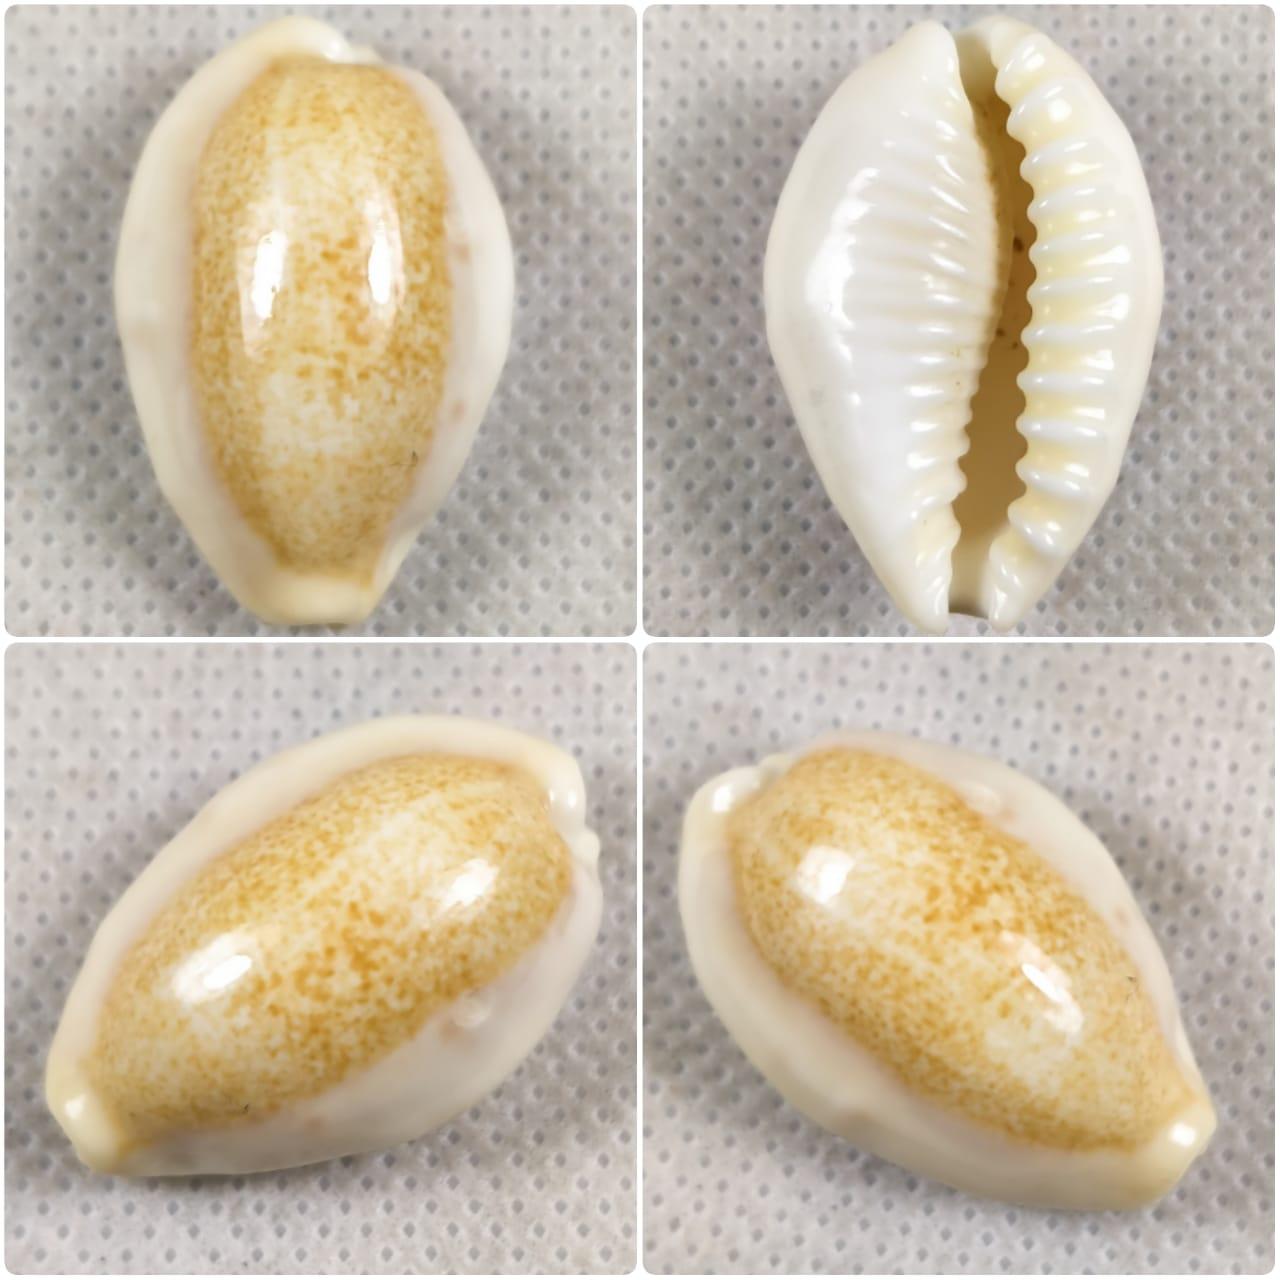 E. Caurica d'Indonésie Nw